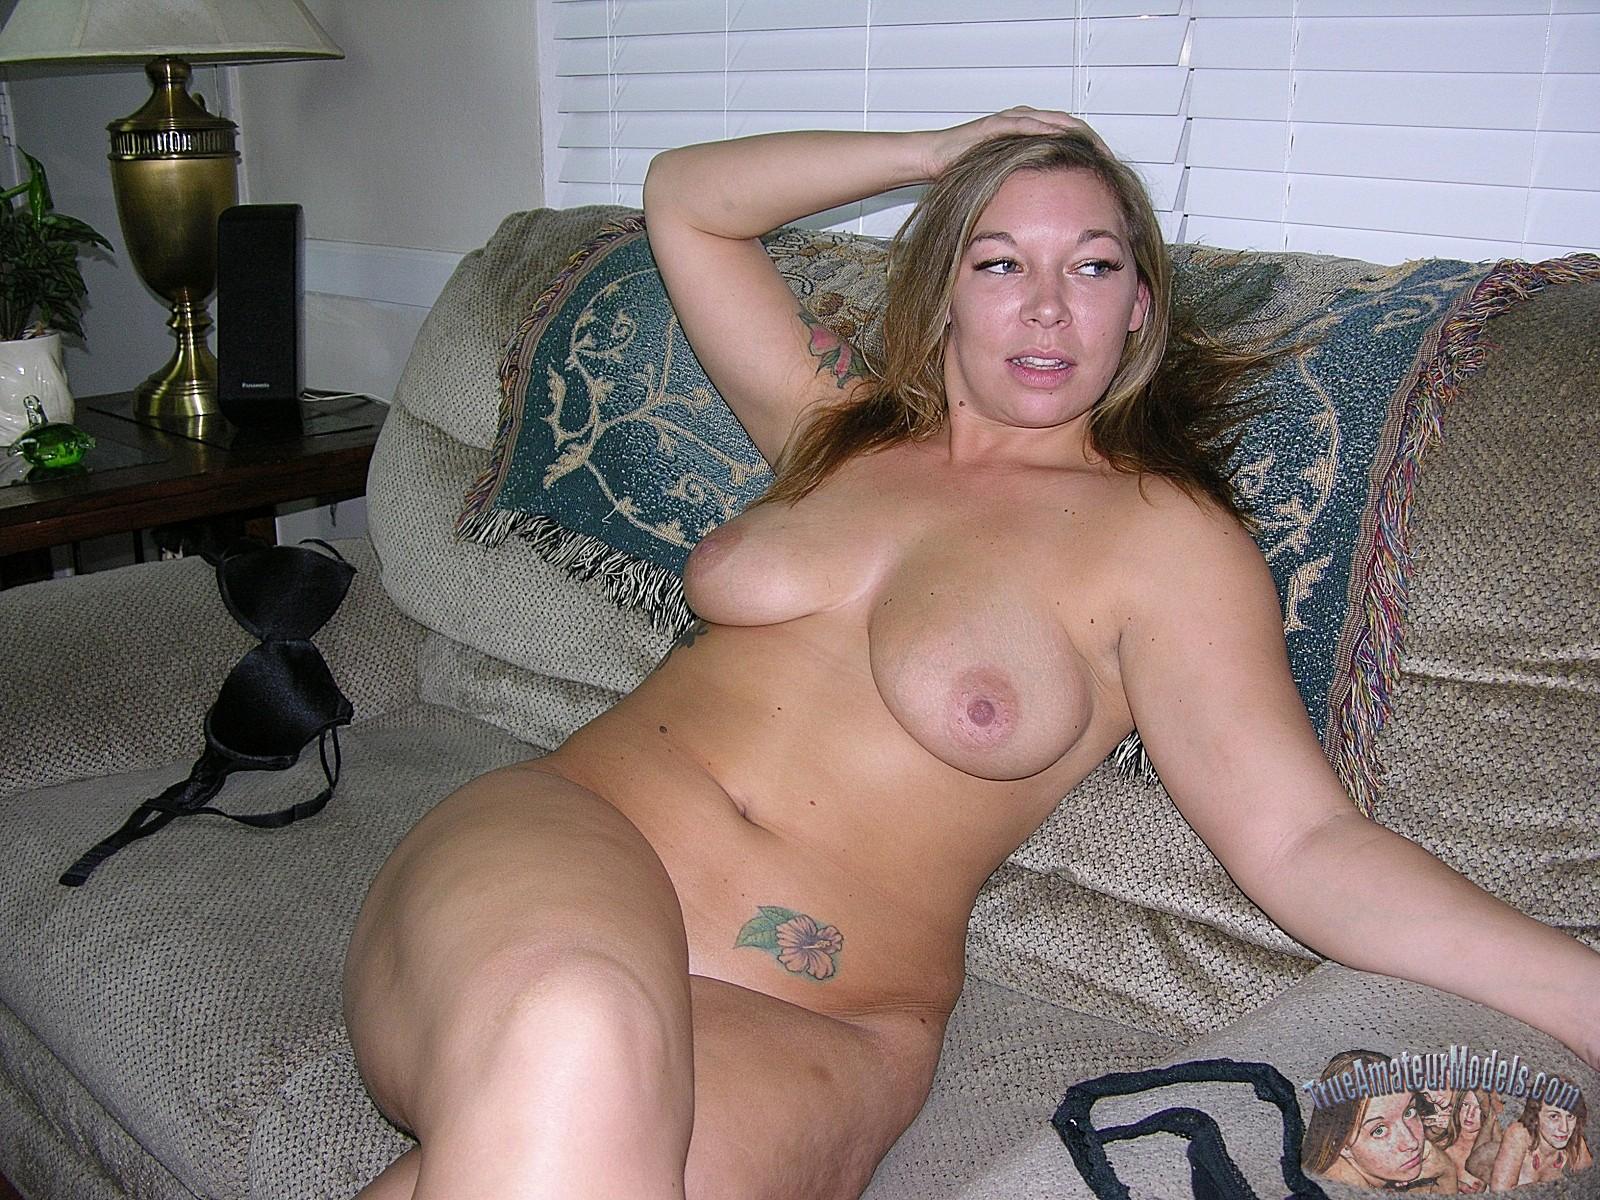 nude amateur Nevaeh true models